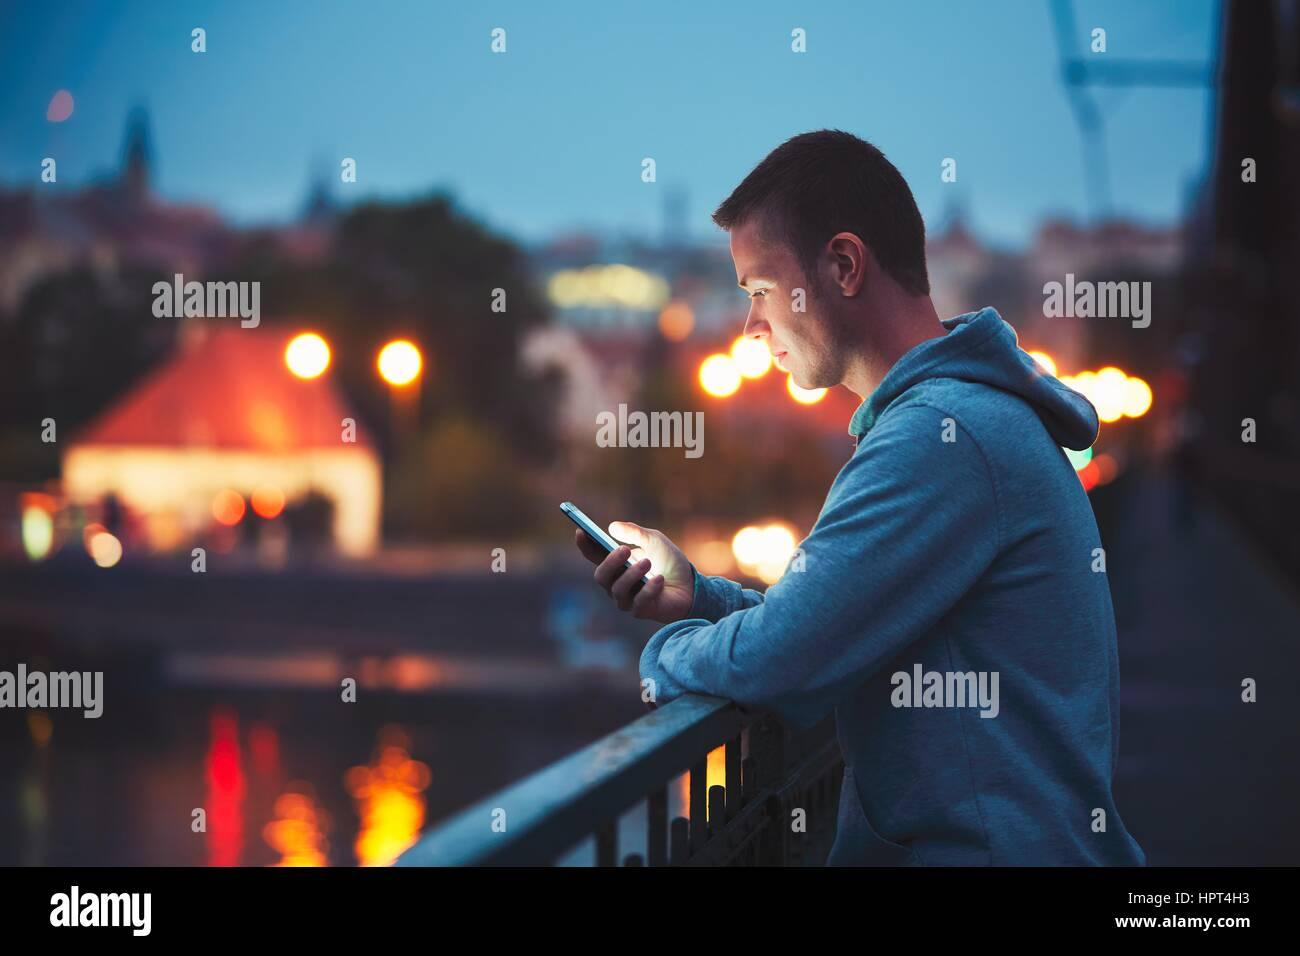 Seul dans la ville nocturne avec téléphone mobile. Bel homme de rêve message Lecture (ou à la Photo Stock